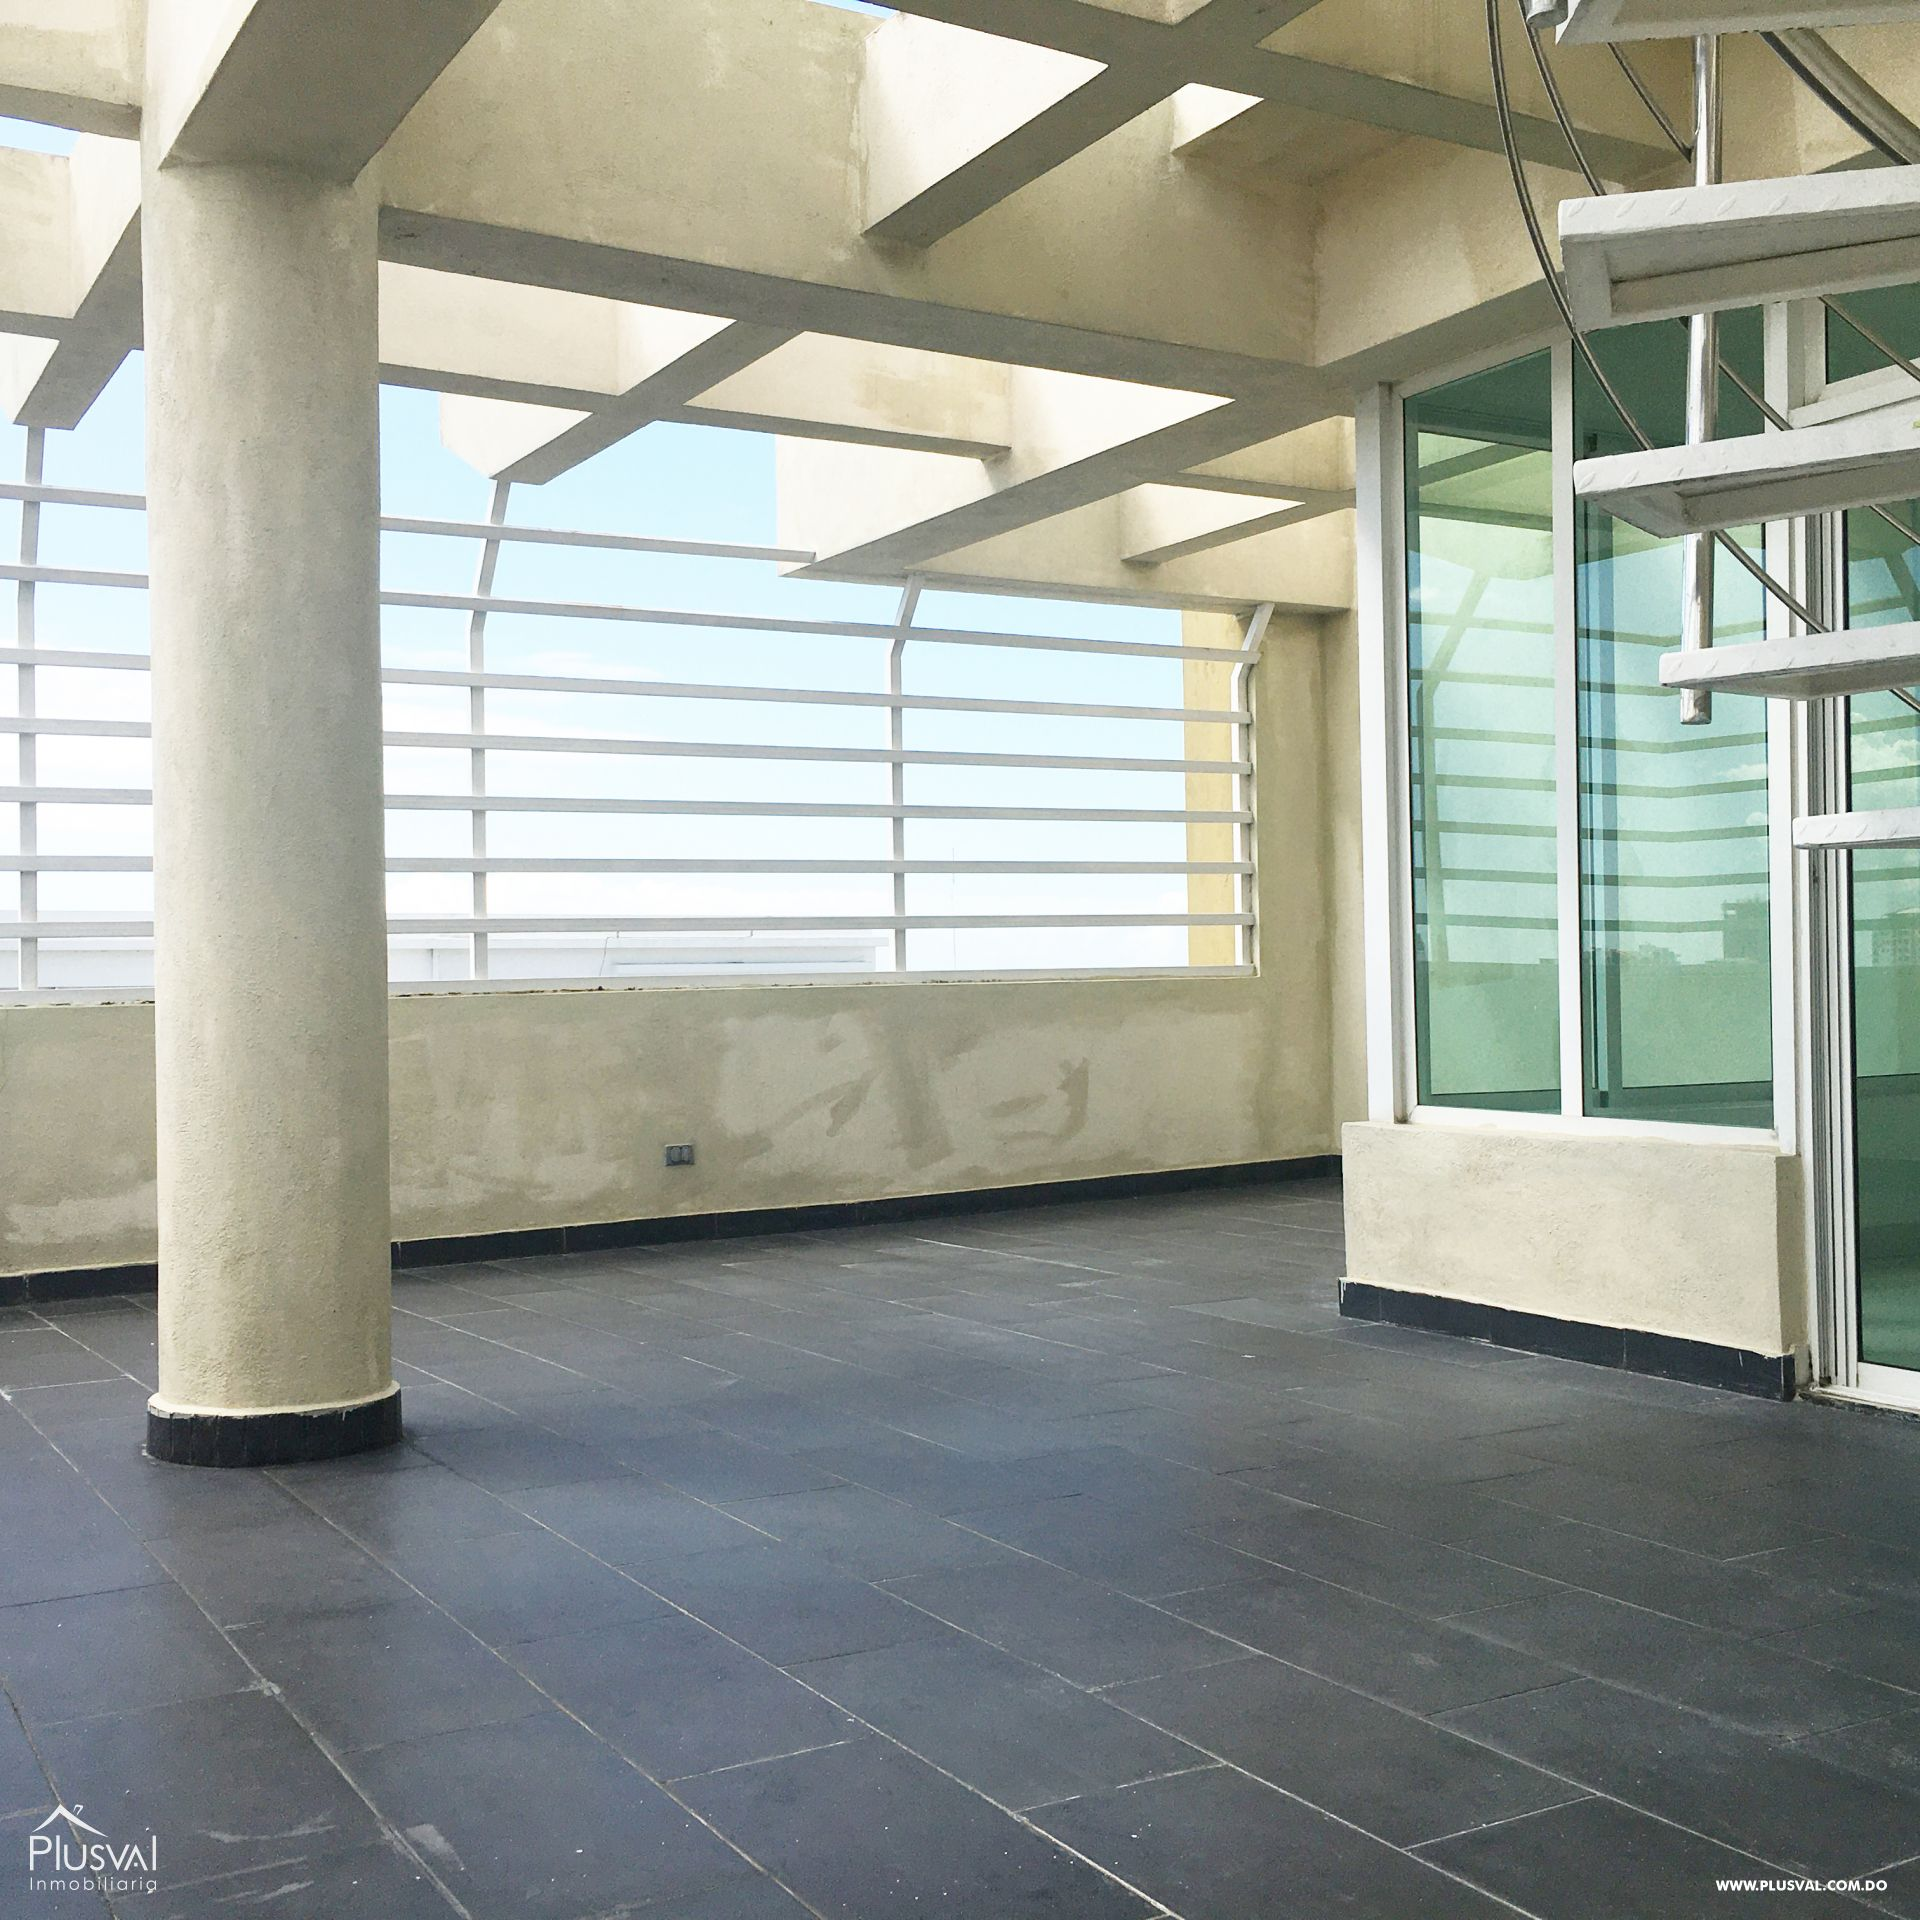 Penthouse en venta, Mirador Norte 169512